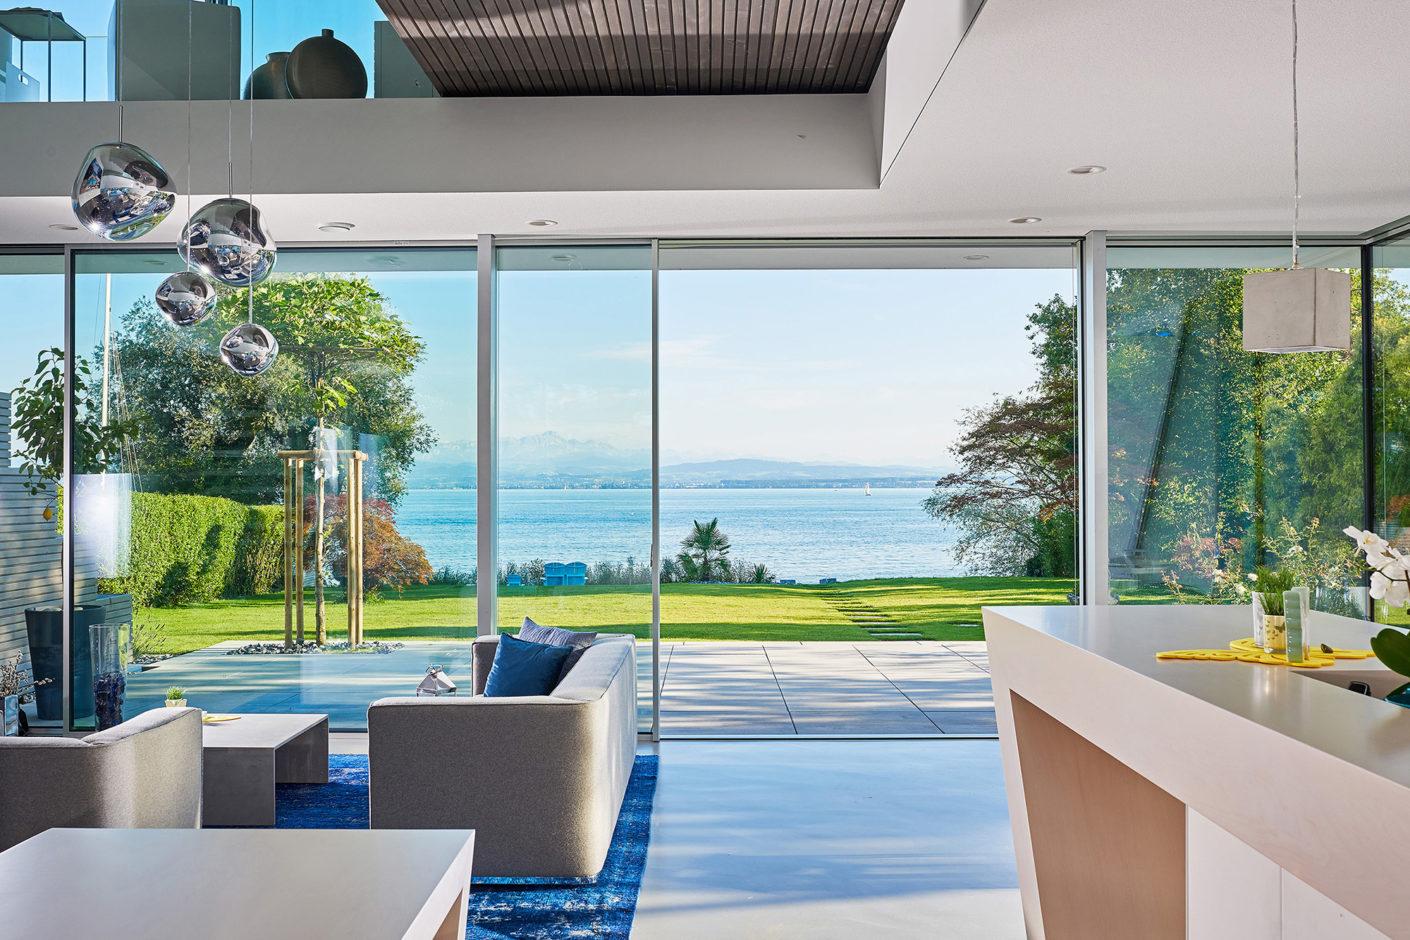 JS - Aluminium Windows in Hong Kong 香港優質鋁窗公司 – Cero by Solarlux - Sliding door,  滑動玻璃門